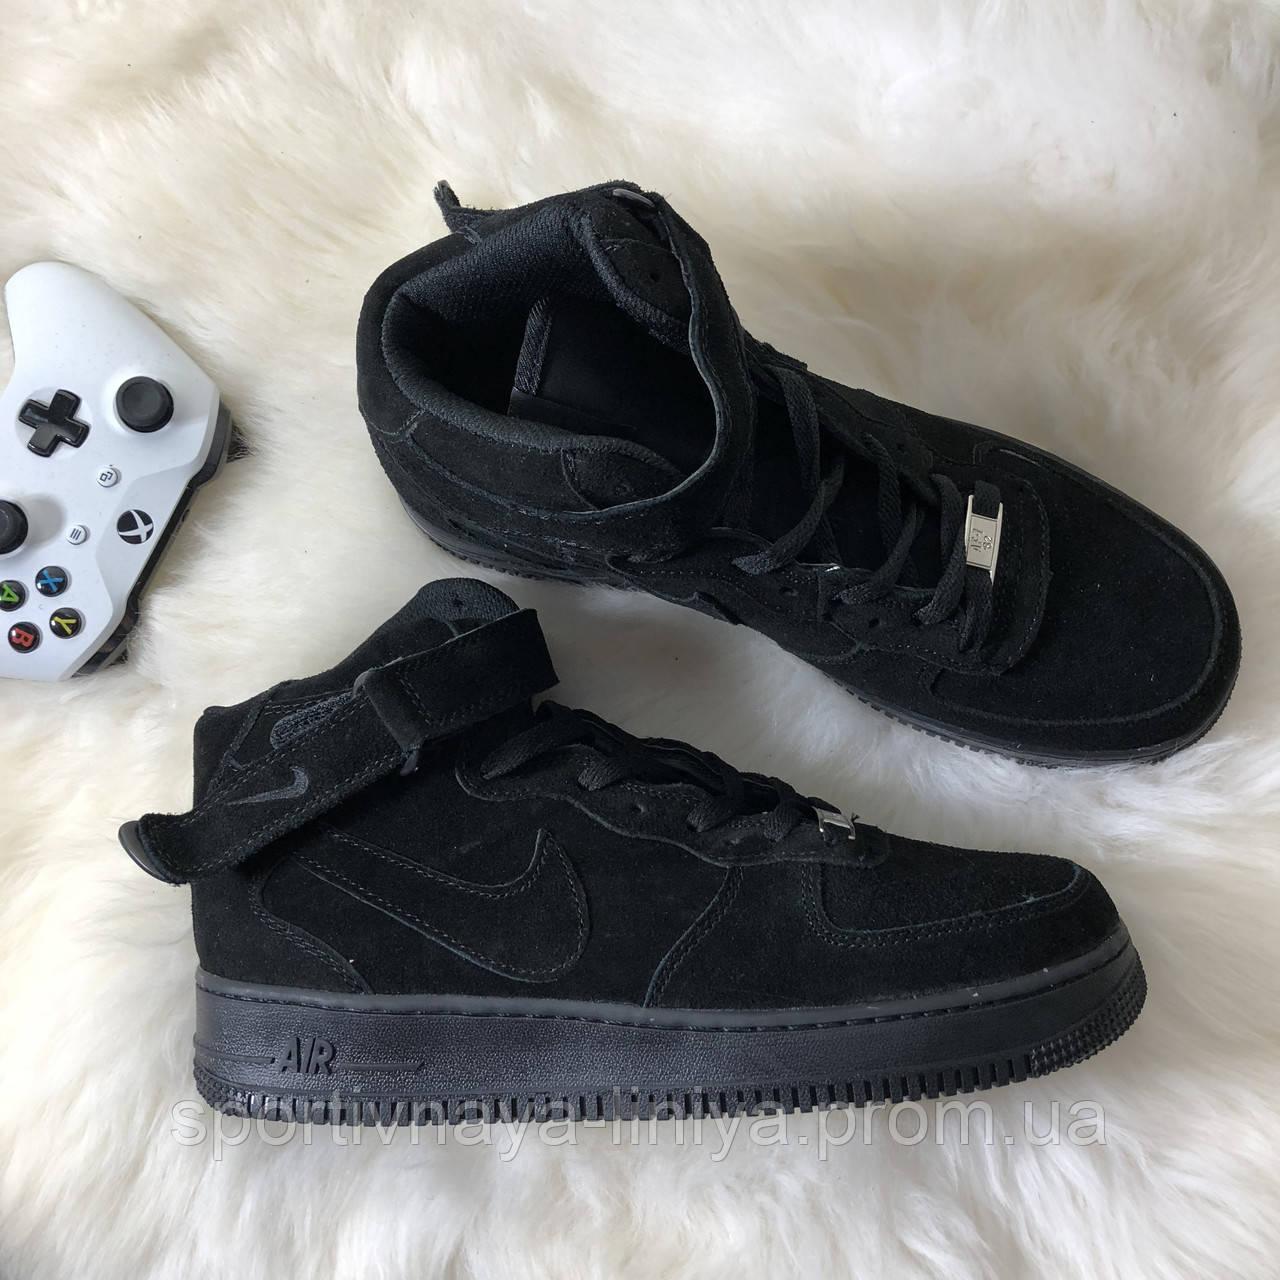 Кроссовки мужские черные Nike Air Force 1 High Suede (реплика). В наличии 4c75e85e9d519